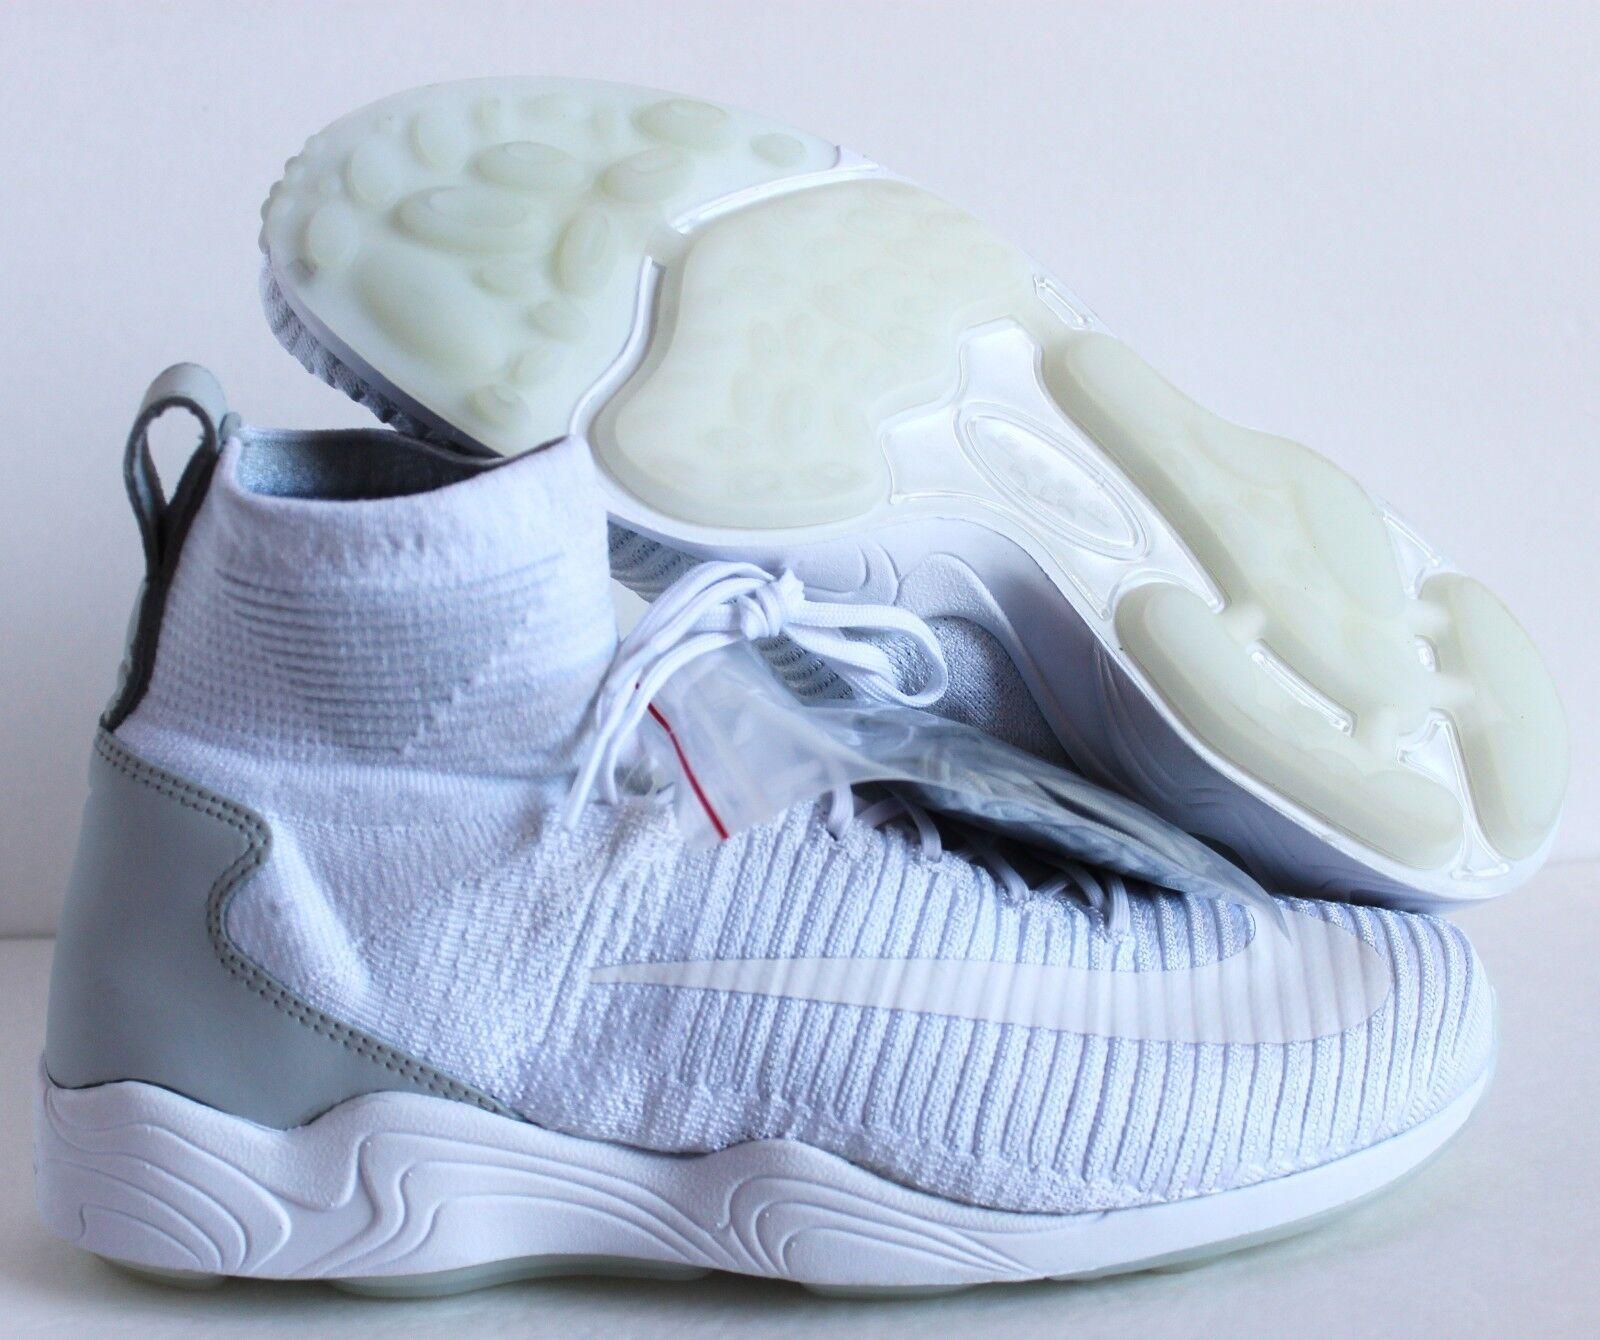 Nike zoom volubile xi 10 fk flyknit white-wolf grey sz 10 xi [844626-100] 09da62